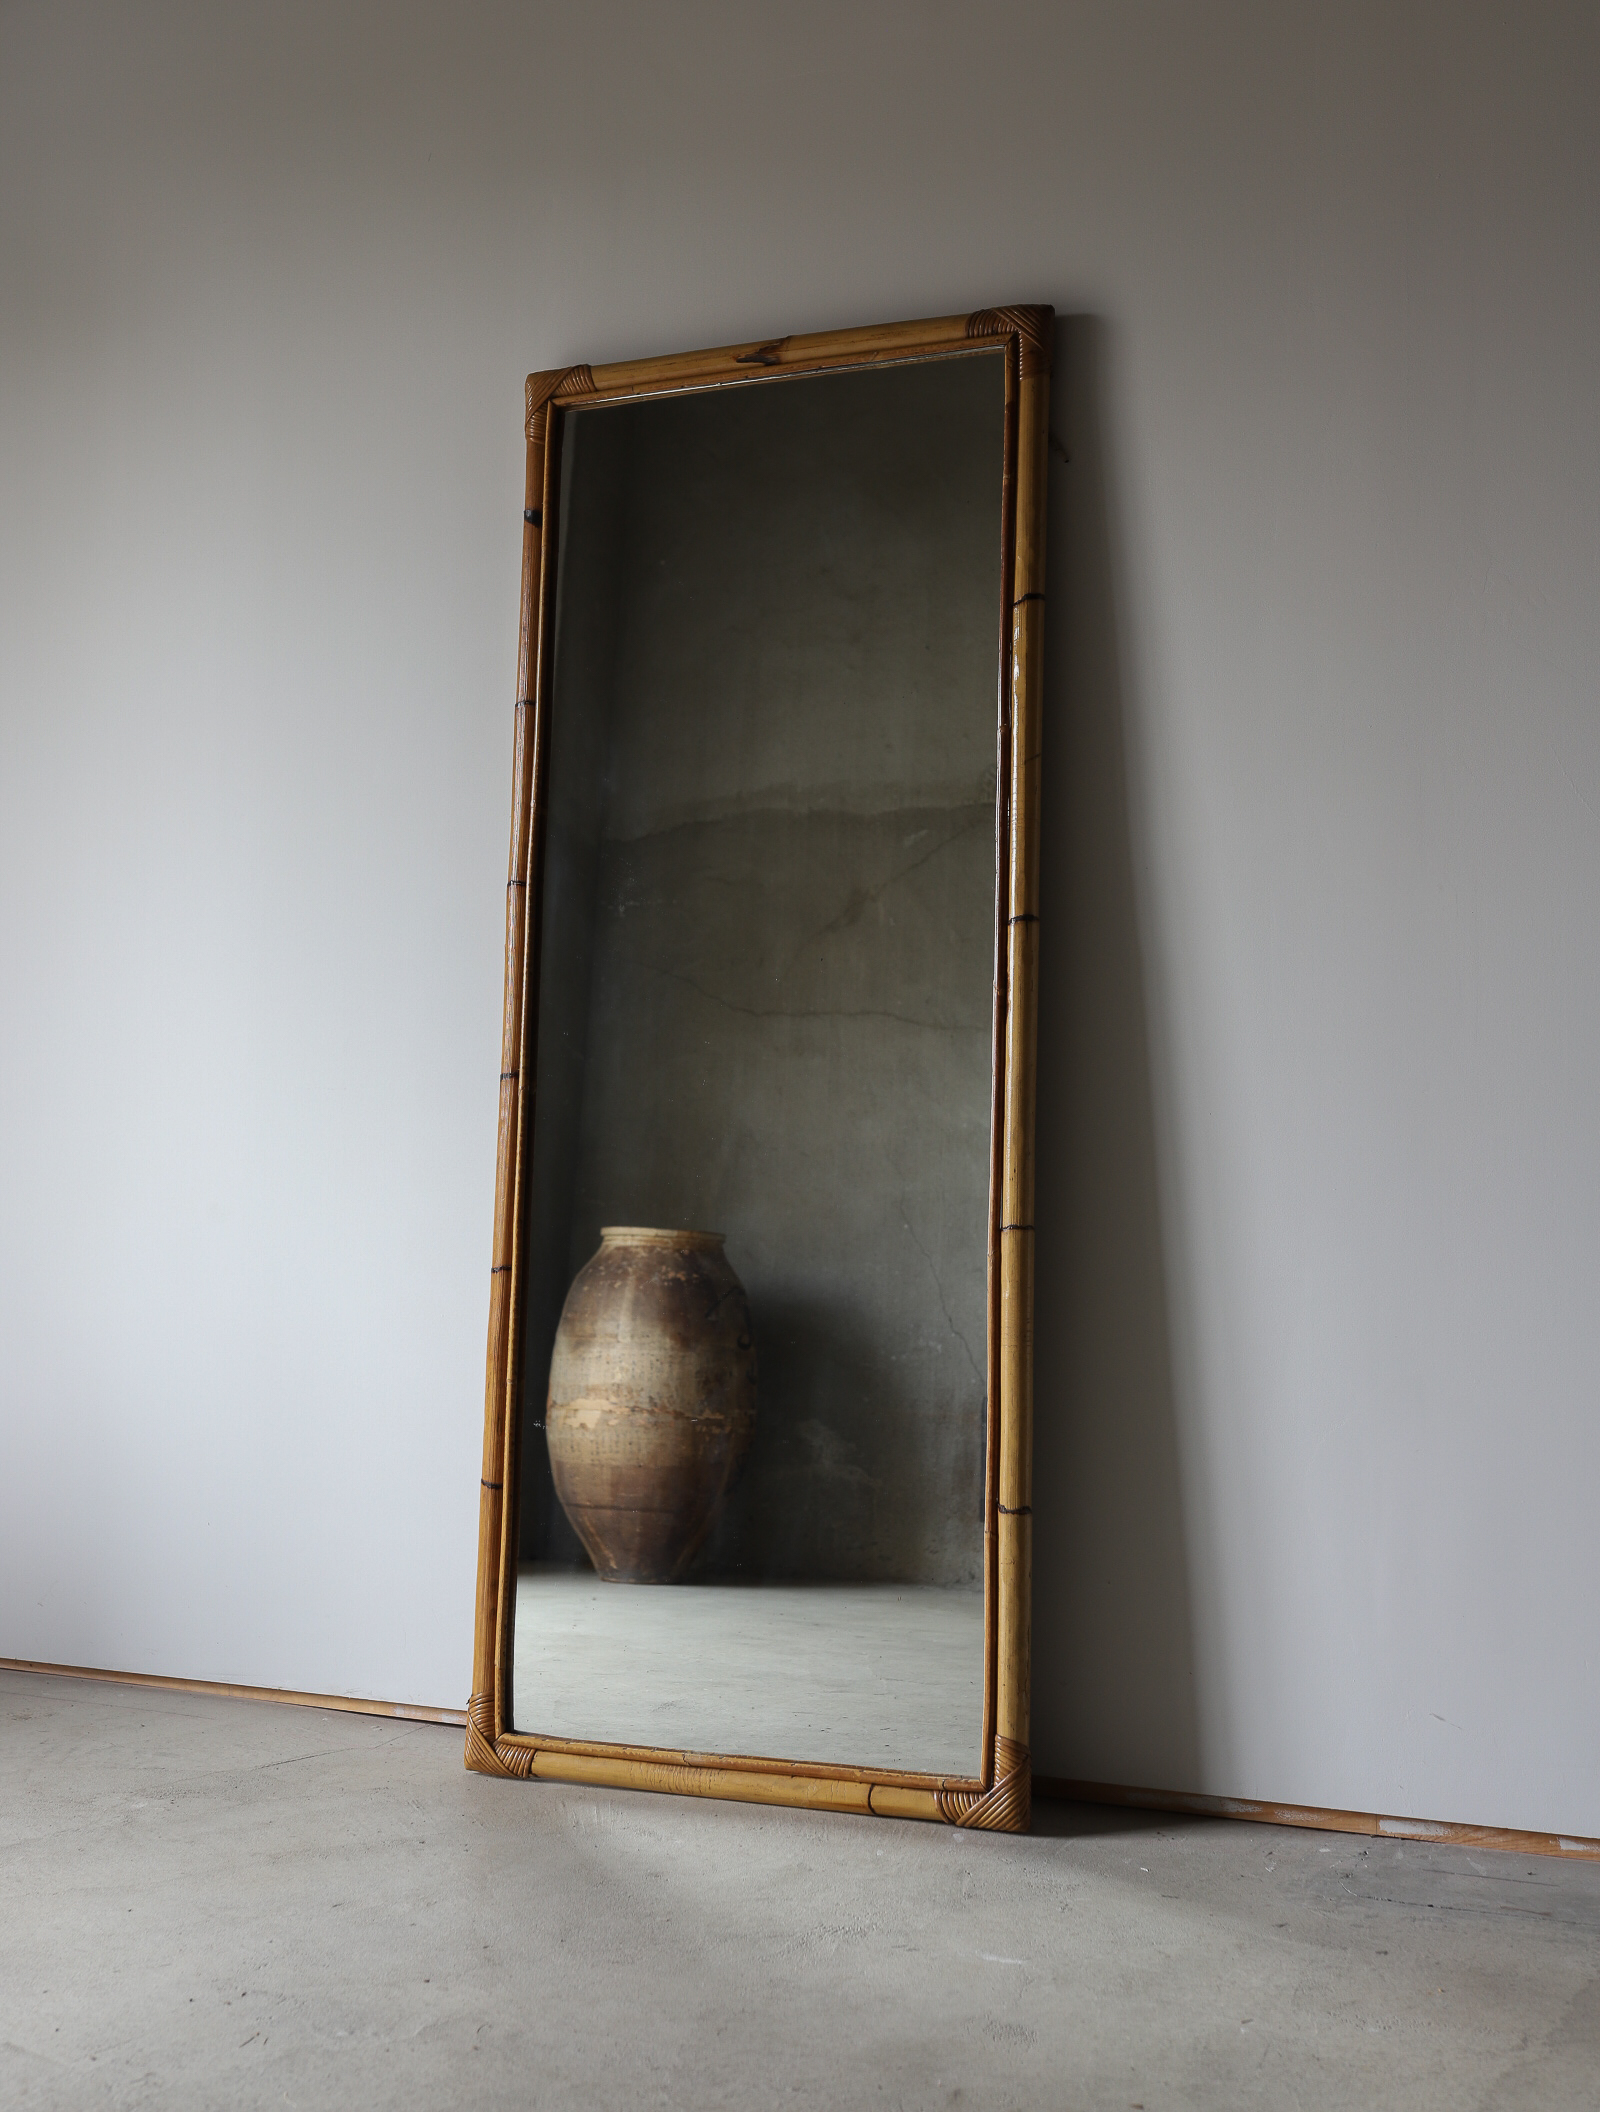 French bamboo mirror ‖ フレンチバンブーミラー